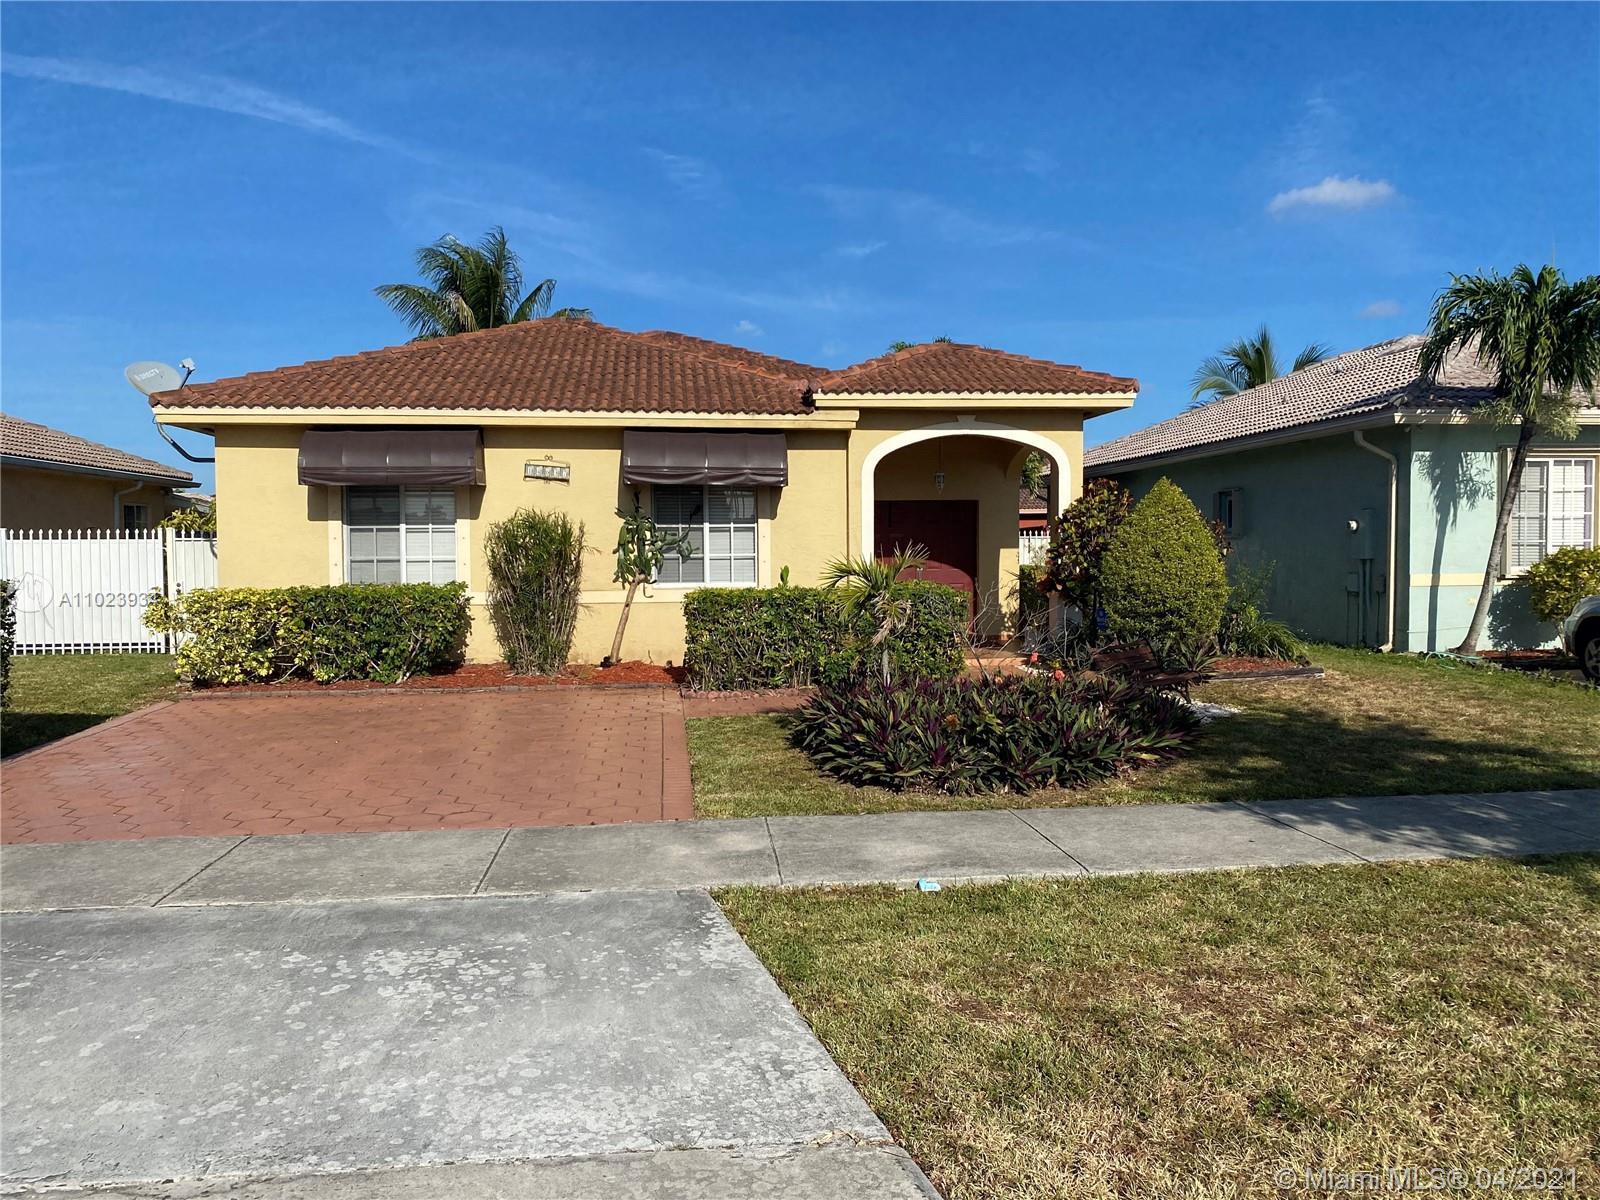 Miami Lakes - 14637 NW 89th Ave, Miami Lakes, FL 33018